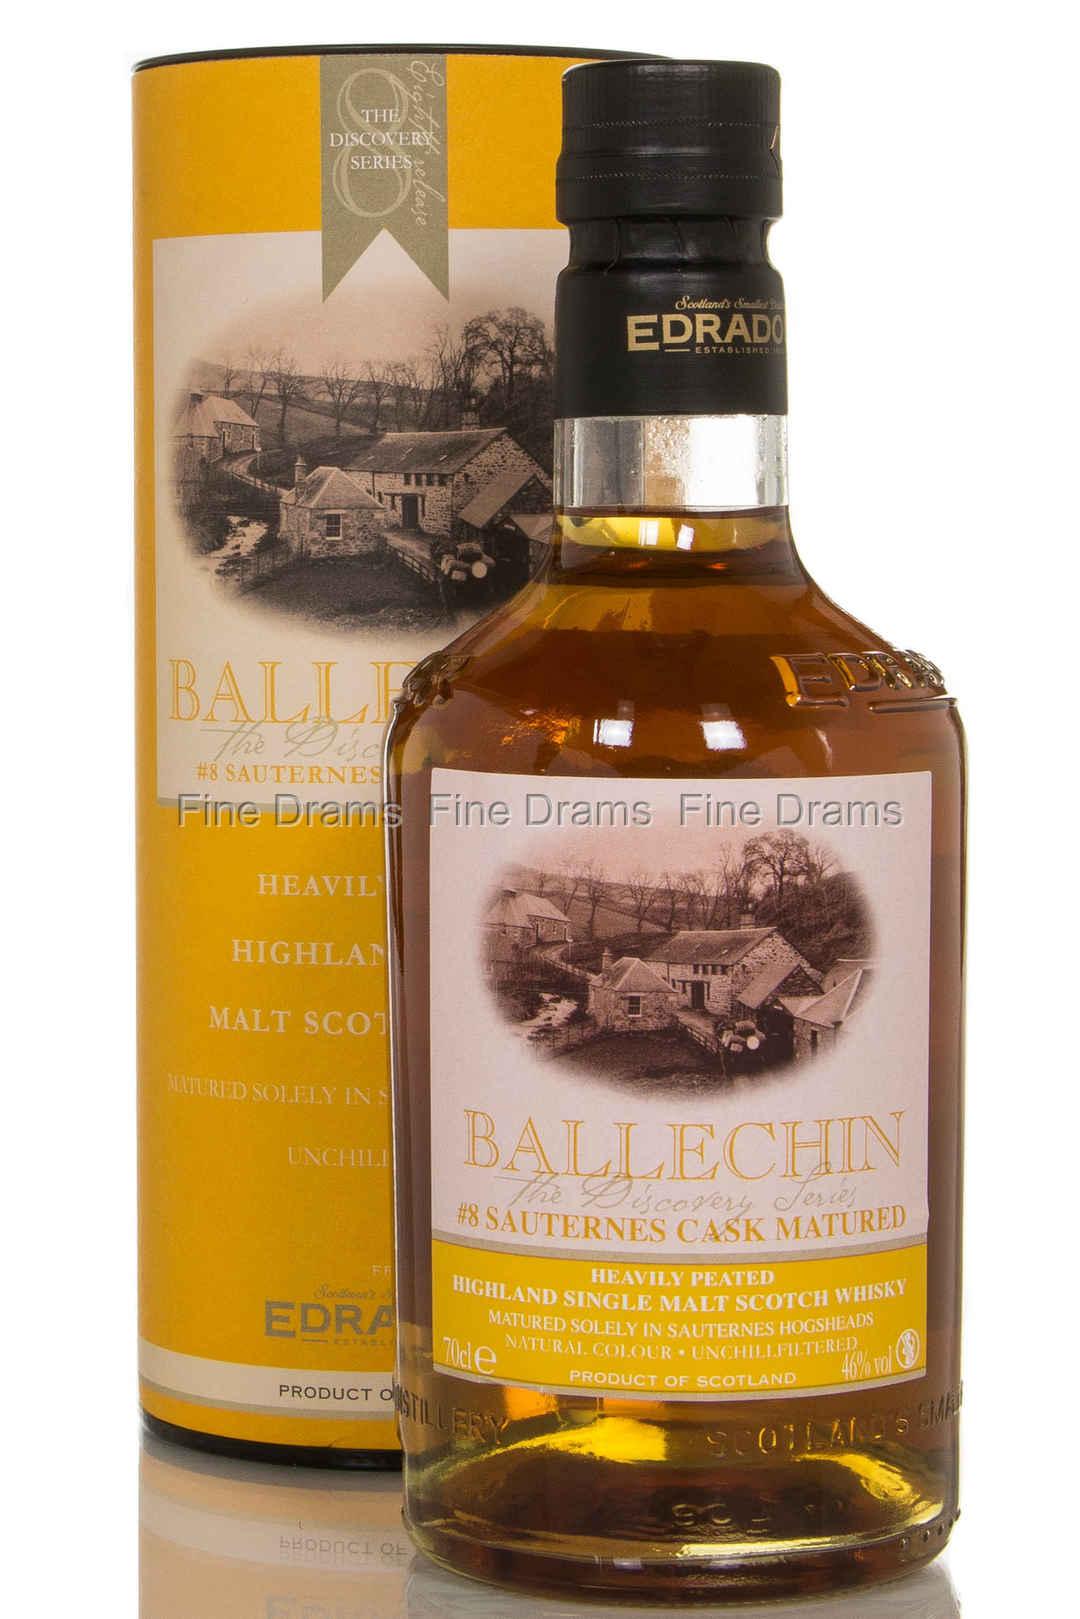 Ballechin 8 Sauternes Cask Matured